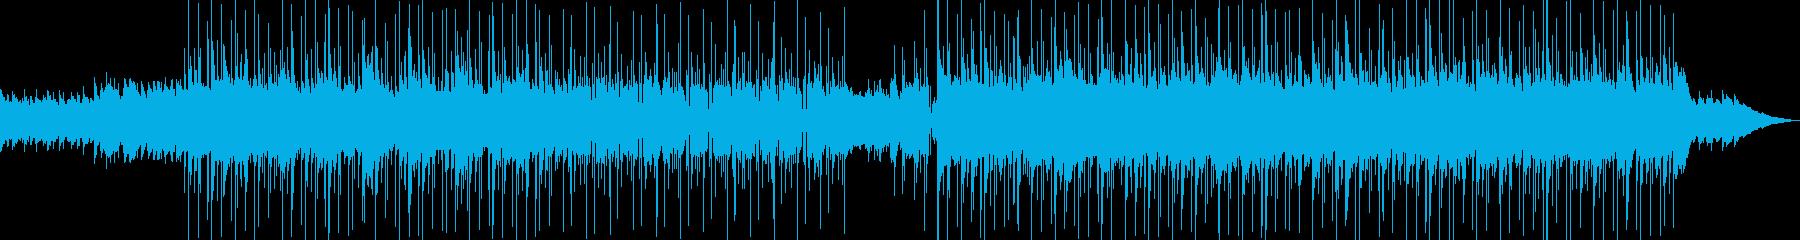 疾走感あるアコースティックギターの曲の再生済みの波形